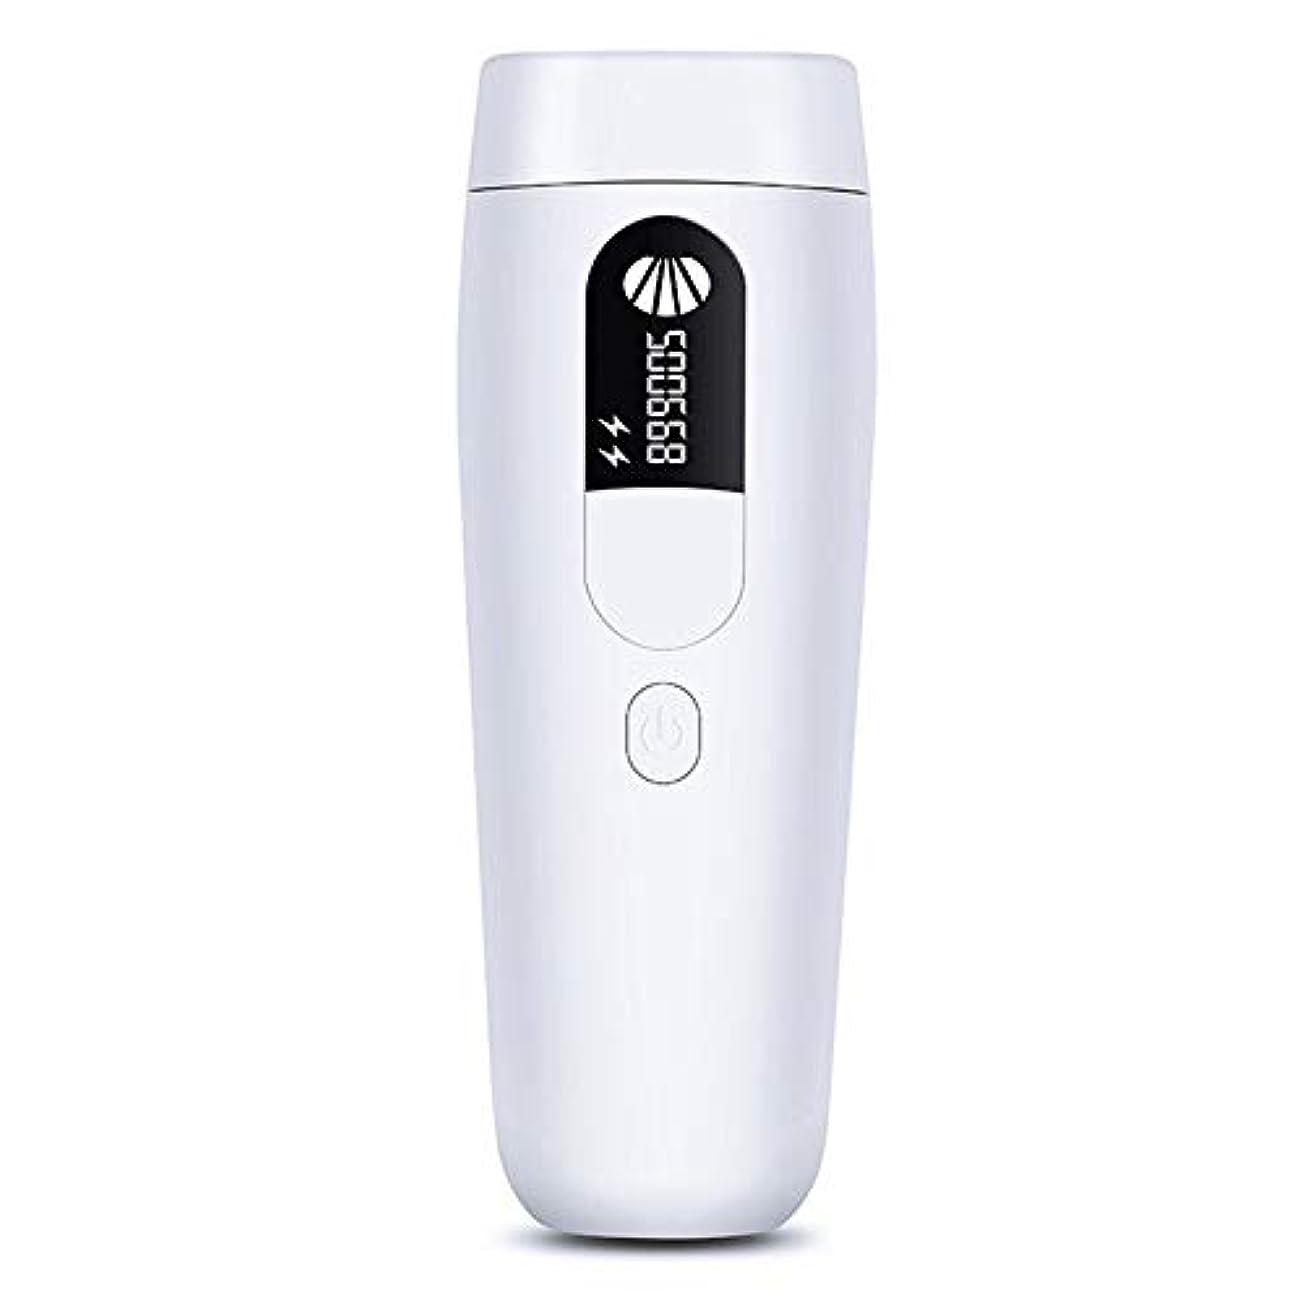 バレエバラエティボード自動、手動、2つのモード、インテリジェント誘導ポータブル無痛脱毛剤、5スピードレギュレーション、サイズ6x3.5x17cm 安全でクリーンな